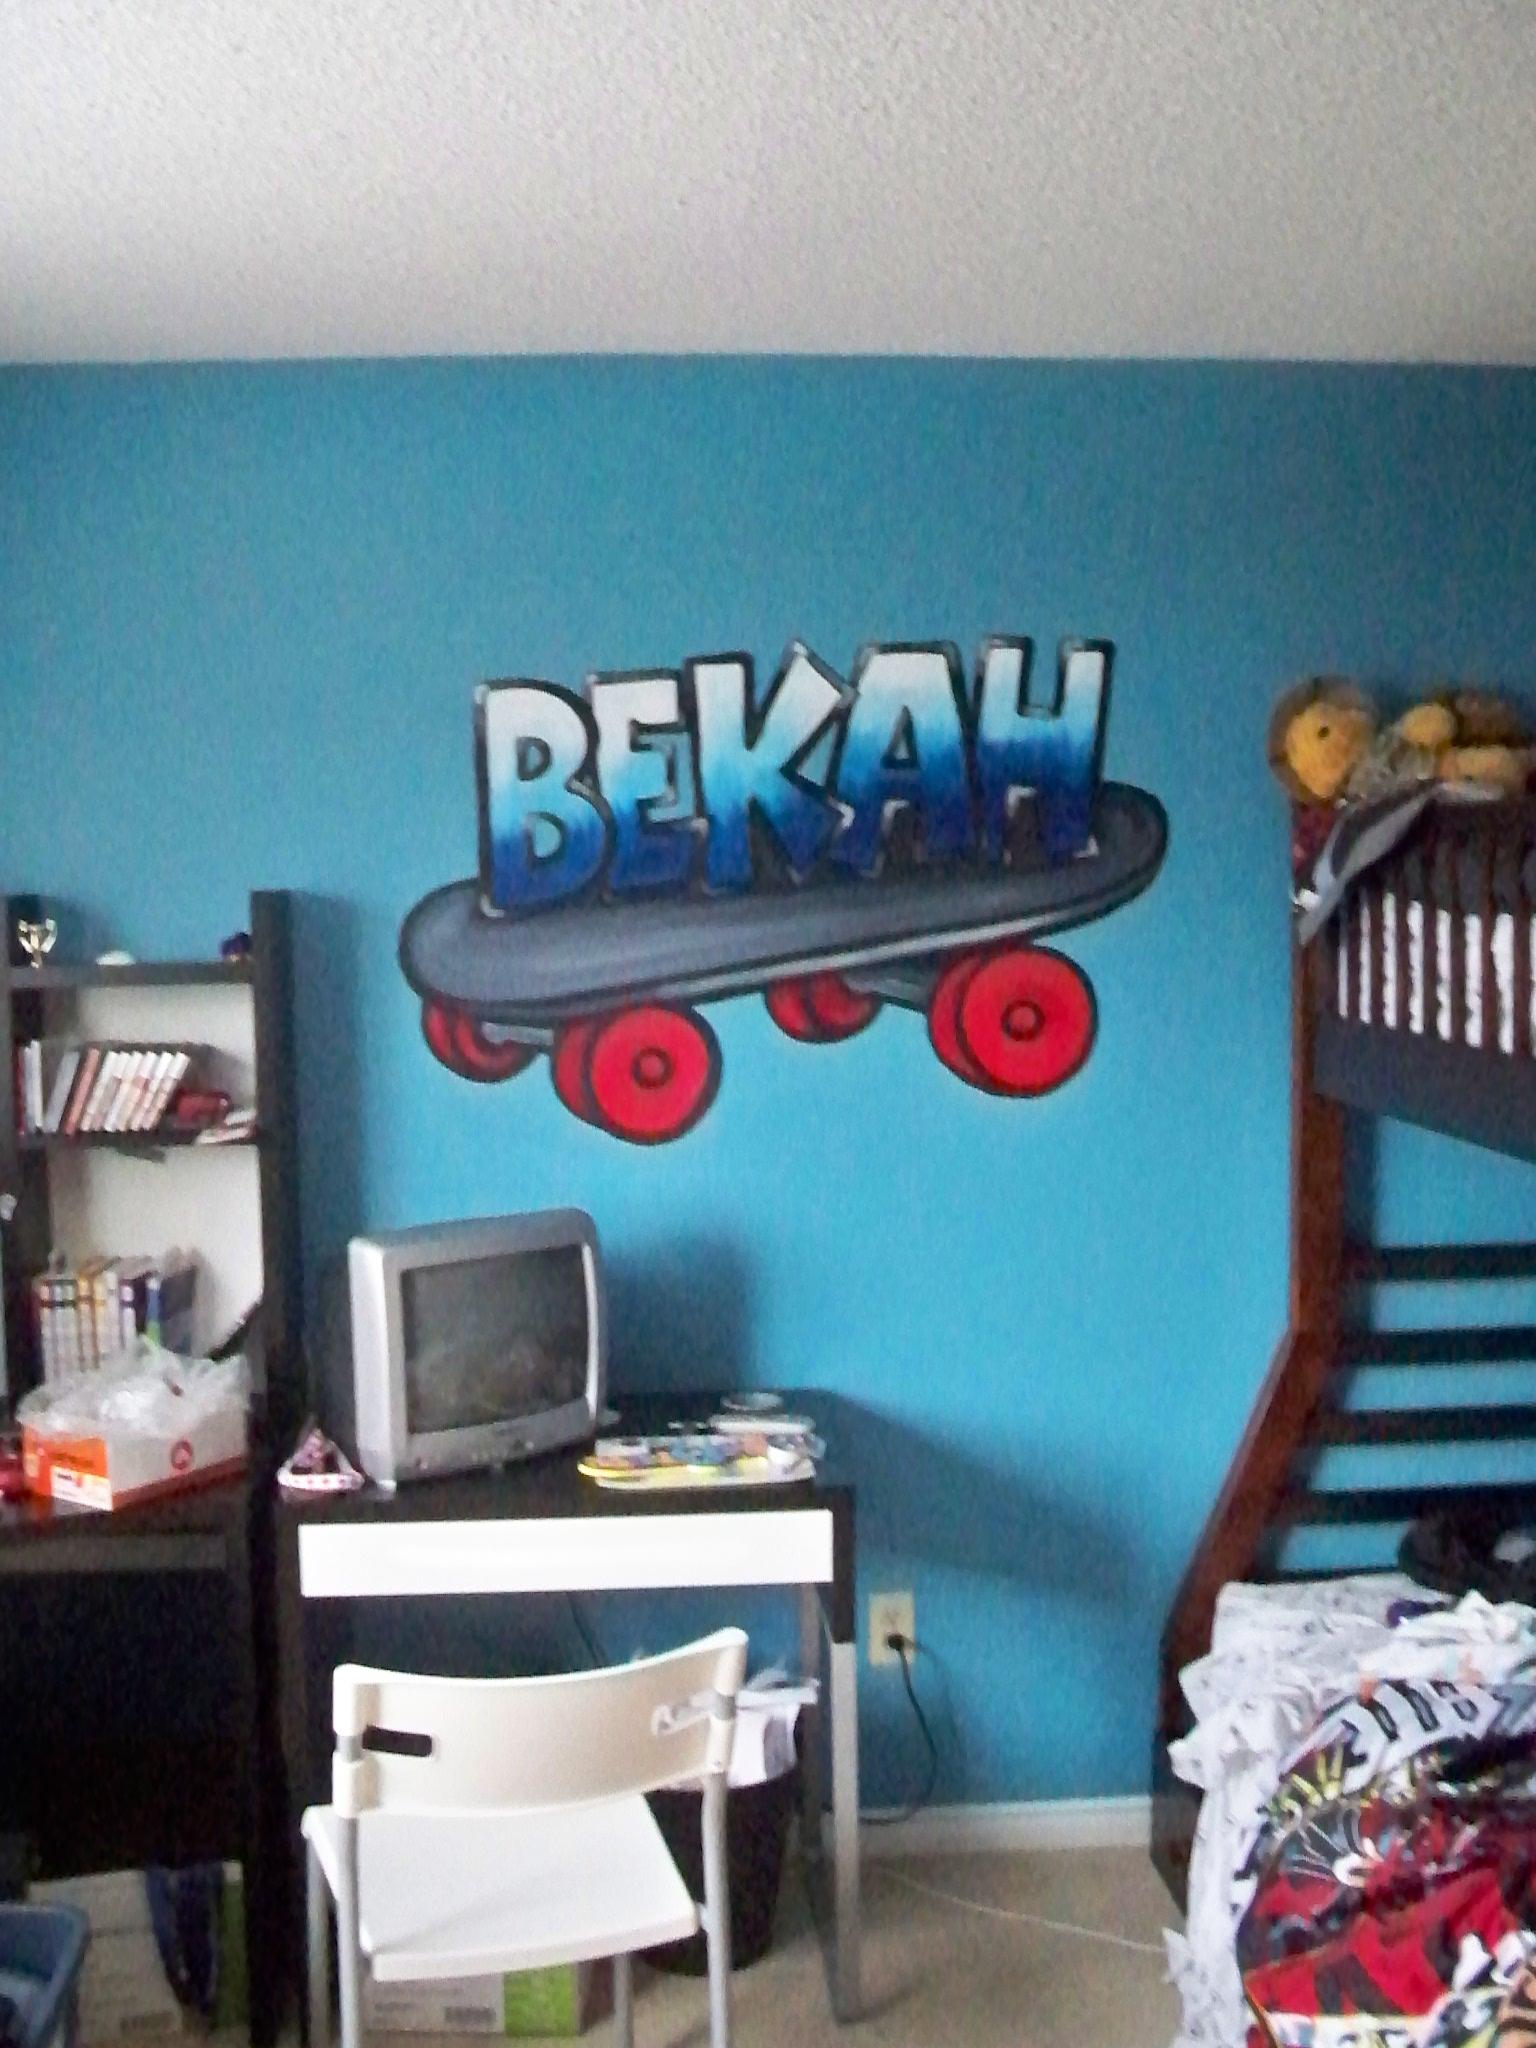 Murals By Marg Bekah's Room 2.JPG